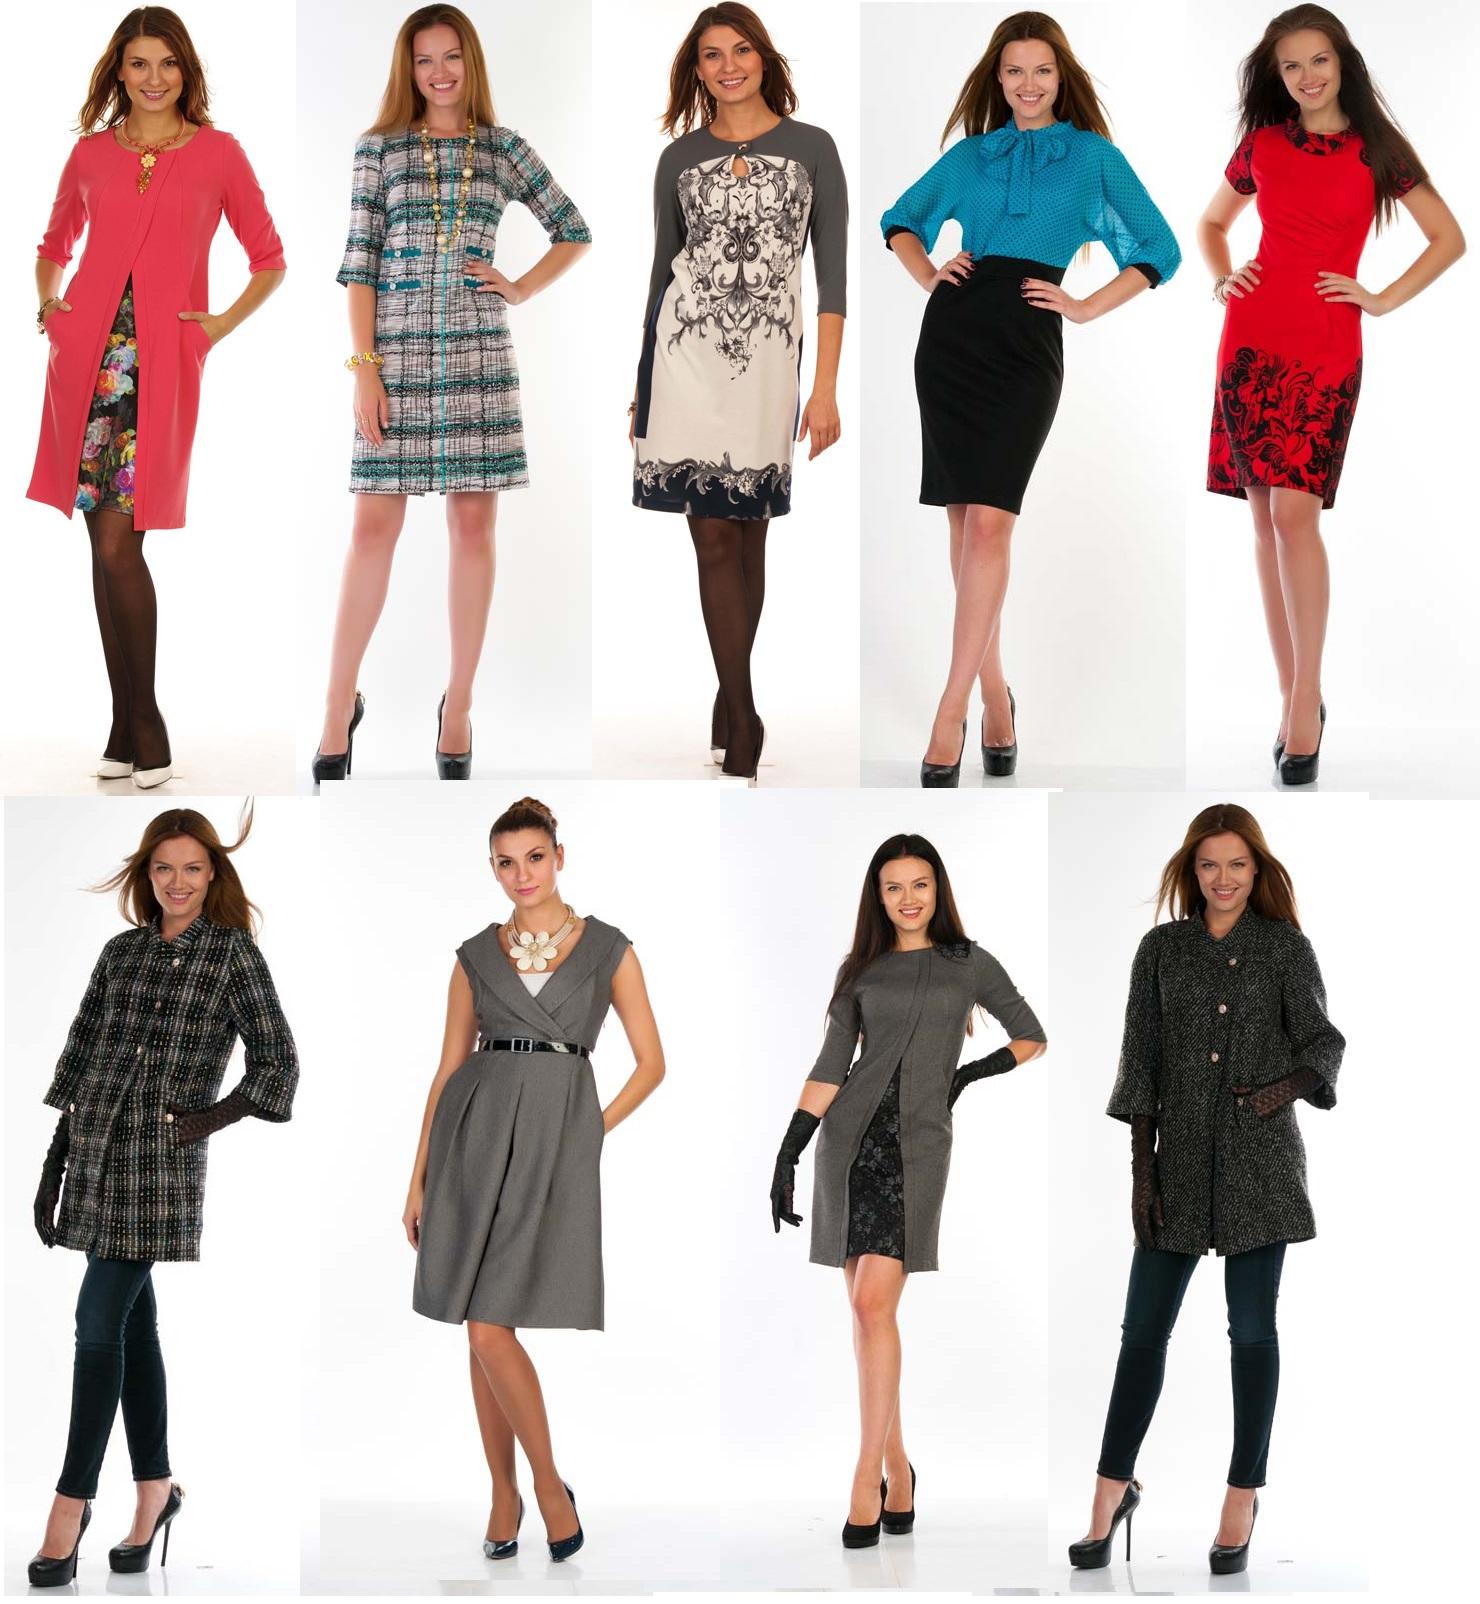 Деловое, праздничное, повседневное - платье на любой вкус 7! Распродажа летней коллекции! До 58 размера - всегда хорошее наличие! Без рядов!